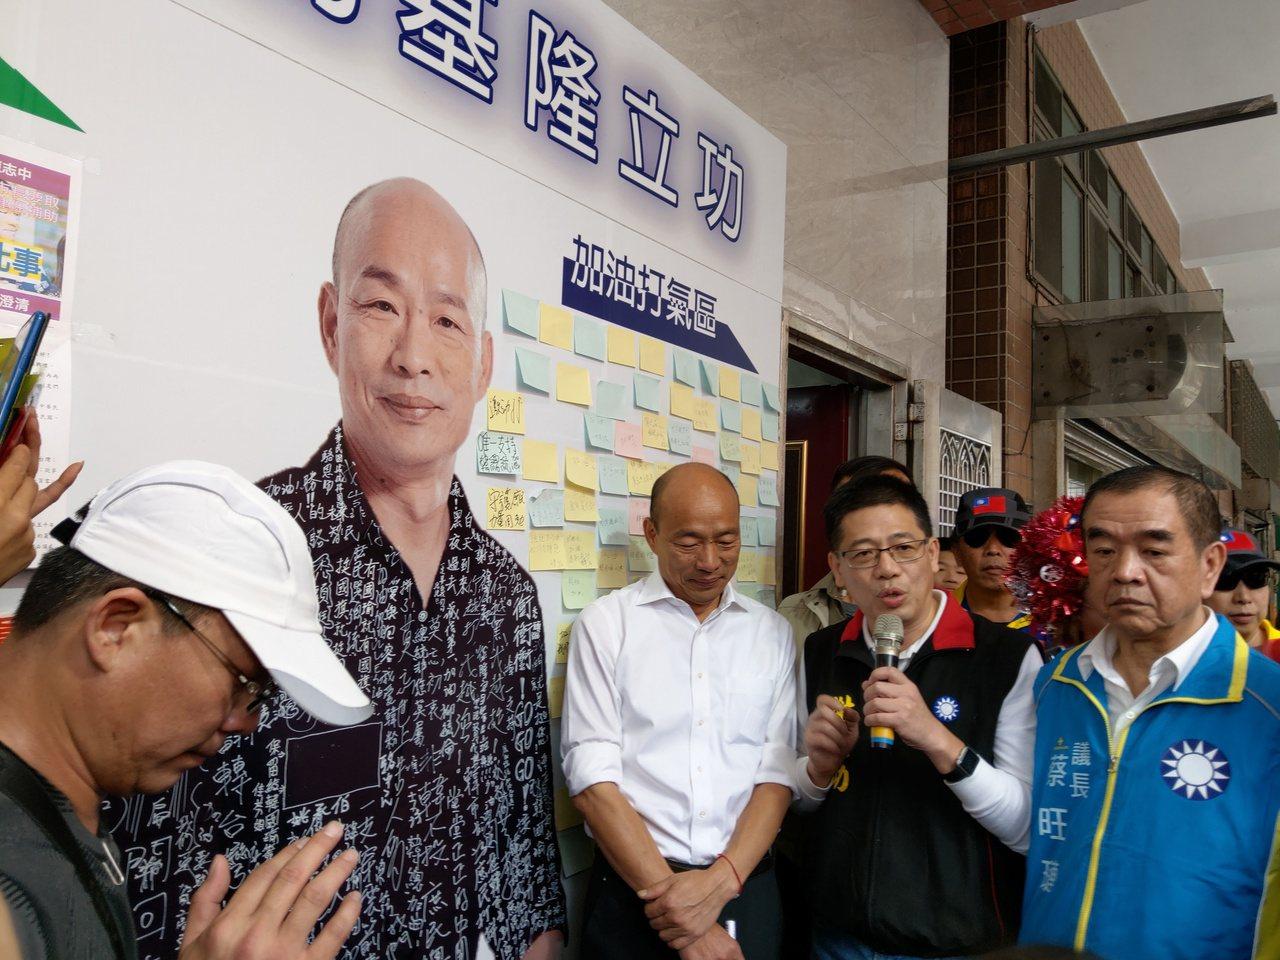 國民黨總統參選人韓國瑜參觀「國瑜加油站」。記者劉宛琳/攝影